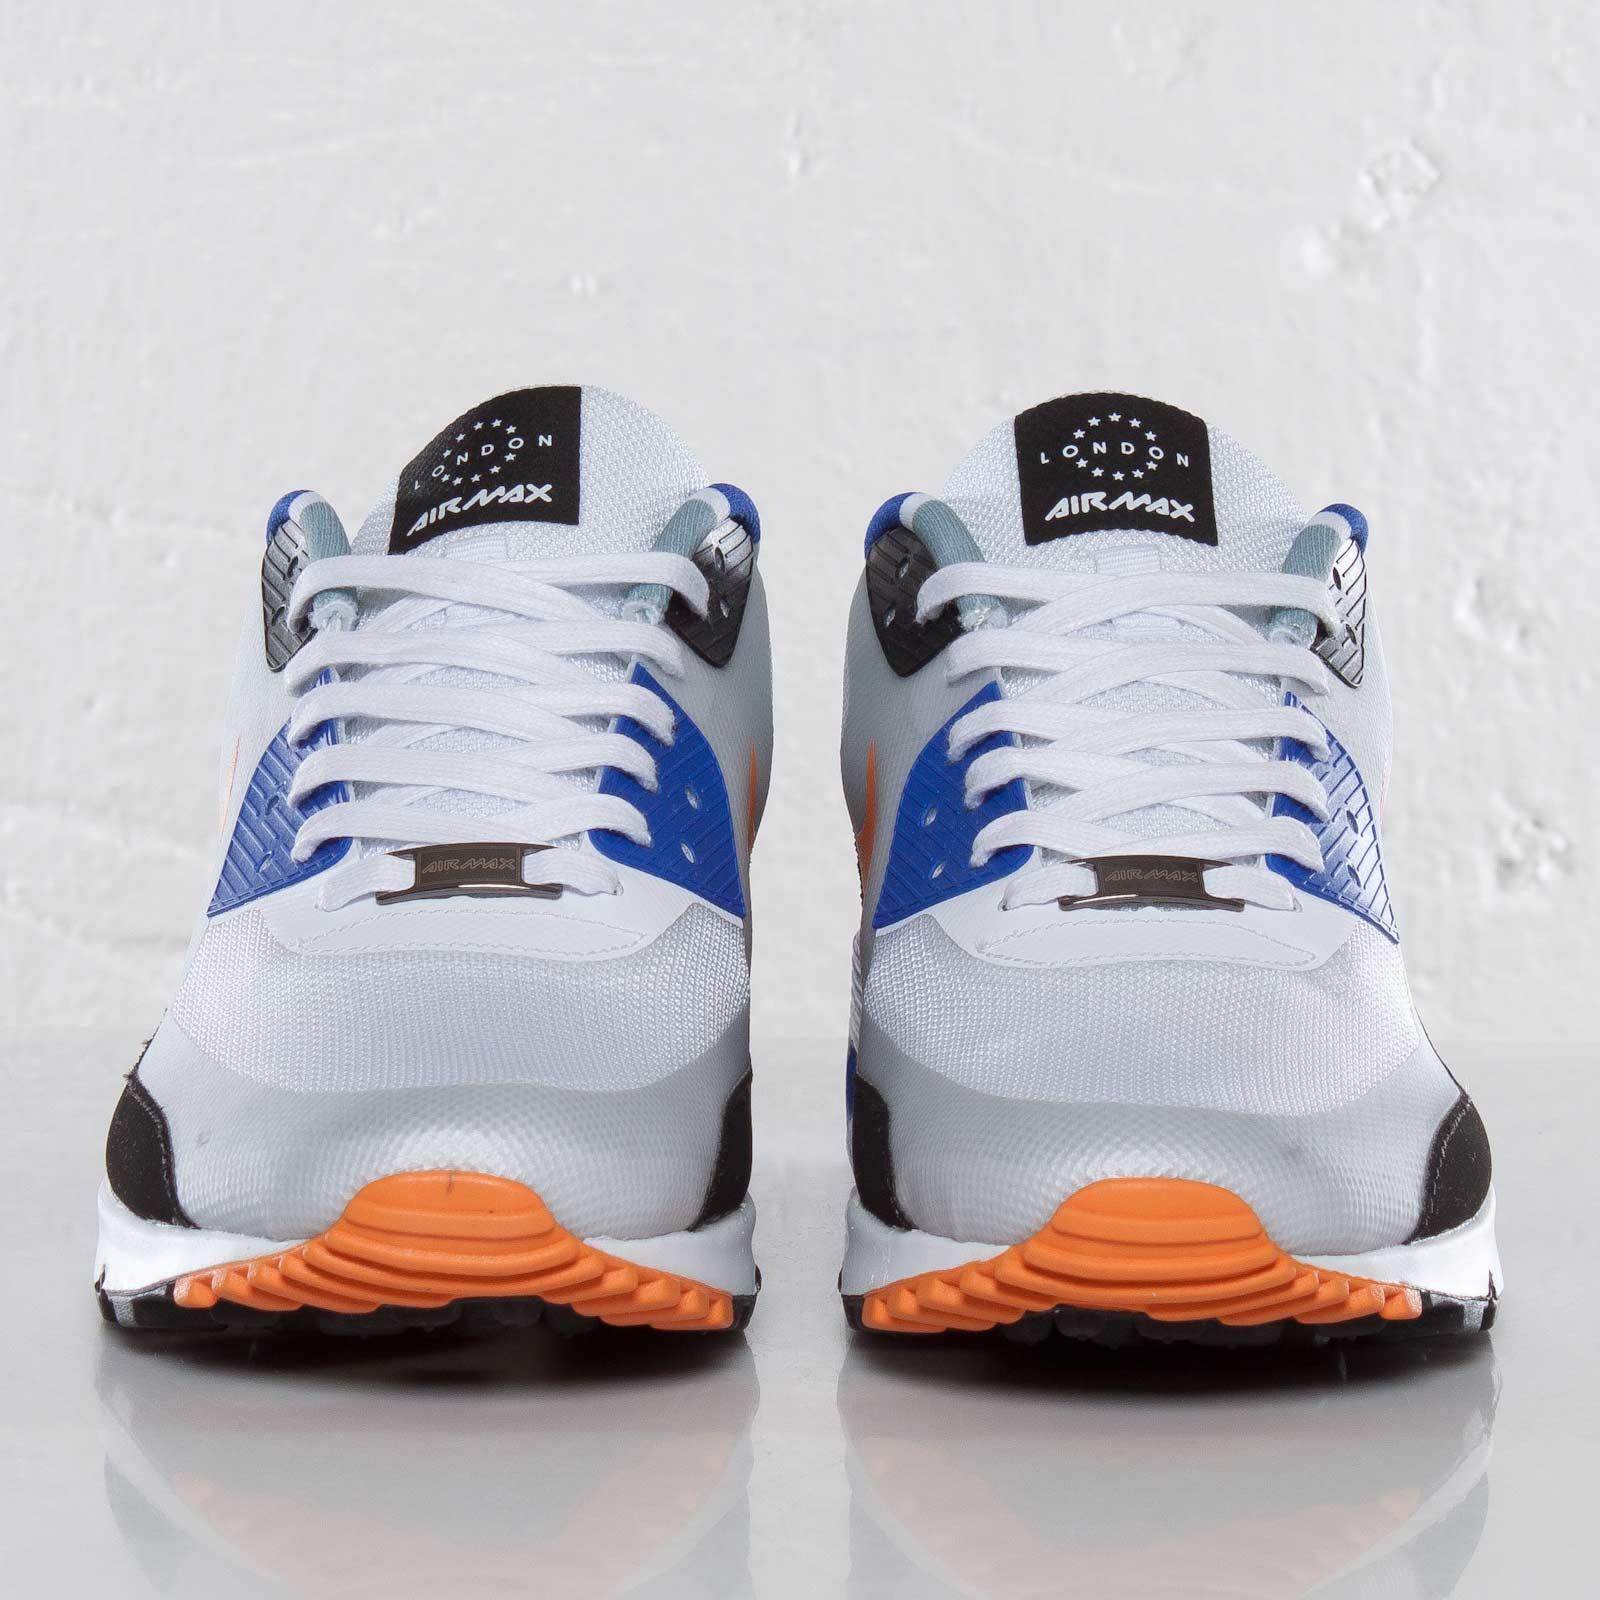 613841 550 Nike Air Max 90 USA Flag Hyperfuse QS Mens